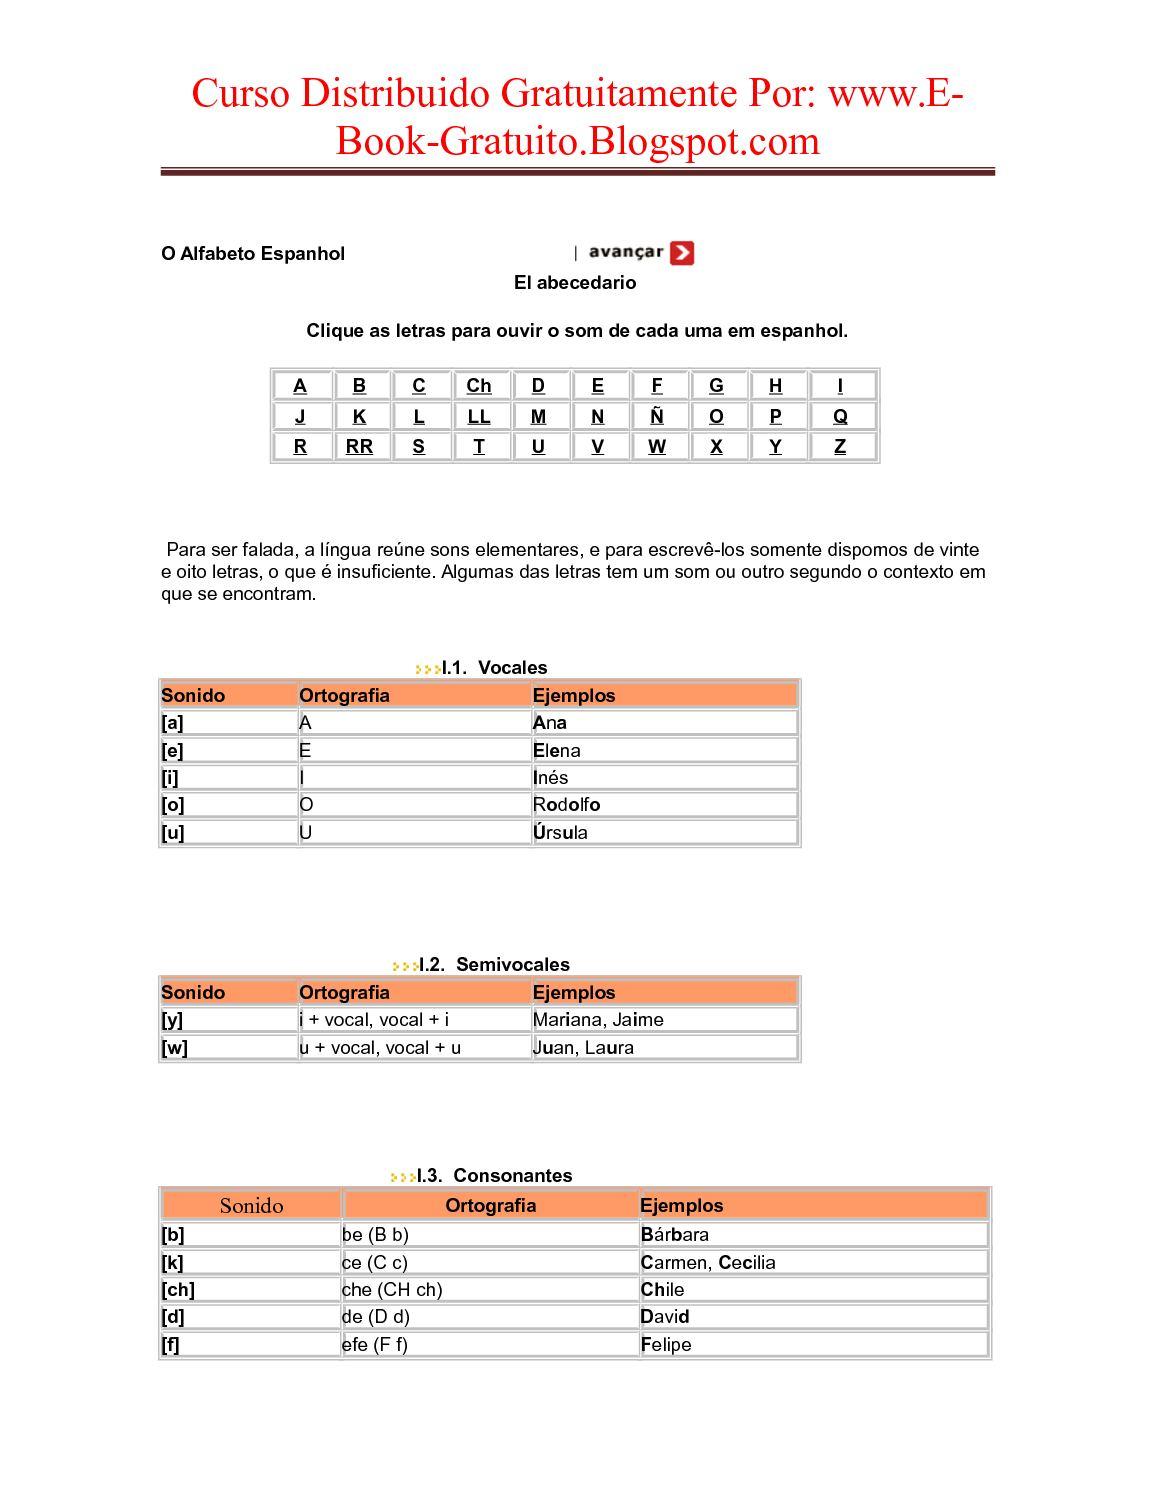 Citas En Linea-246324